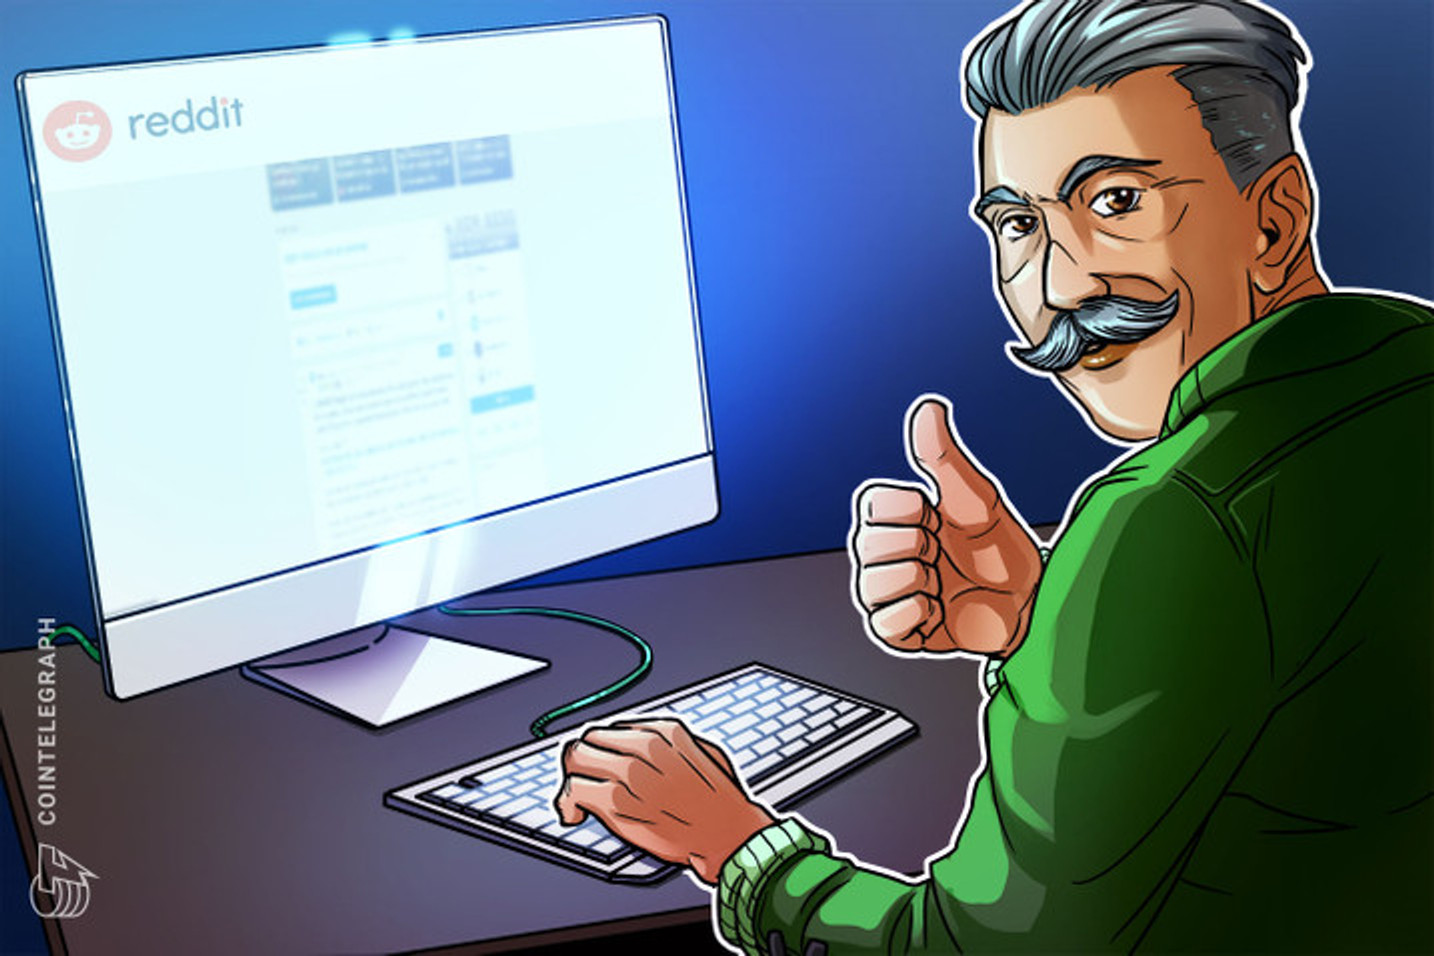 Maior evento de Bitcoin do Brasil será online e gratuito com Abílio Diniz, Microsoft, Waze, Bradesco, CVM e Nestlé